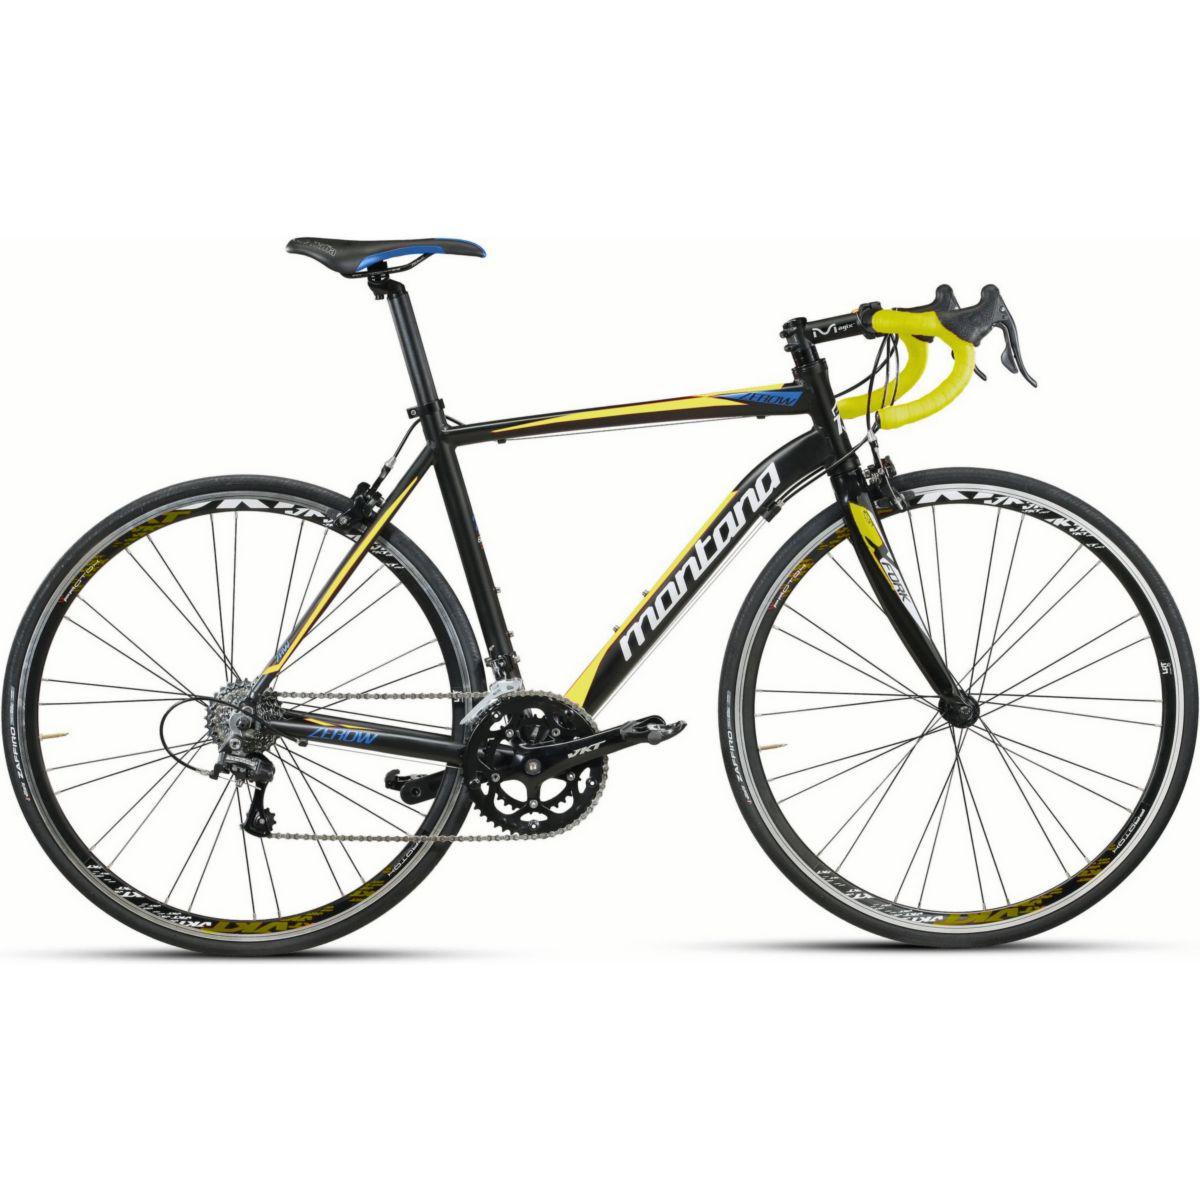 28 Zoll Rennrad Campagnolo 20 Gang Montana Zerow Carbongabel schwarz-gelb, 52cm jetztbilligerkaufen